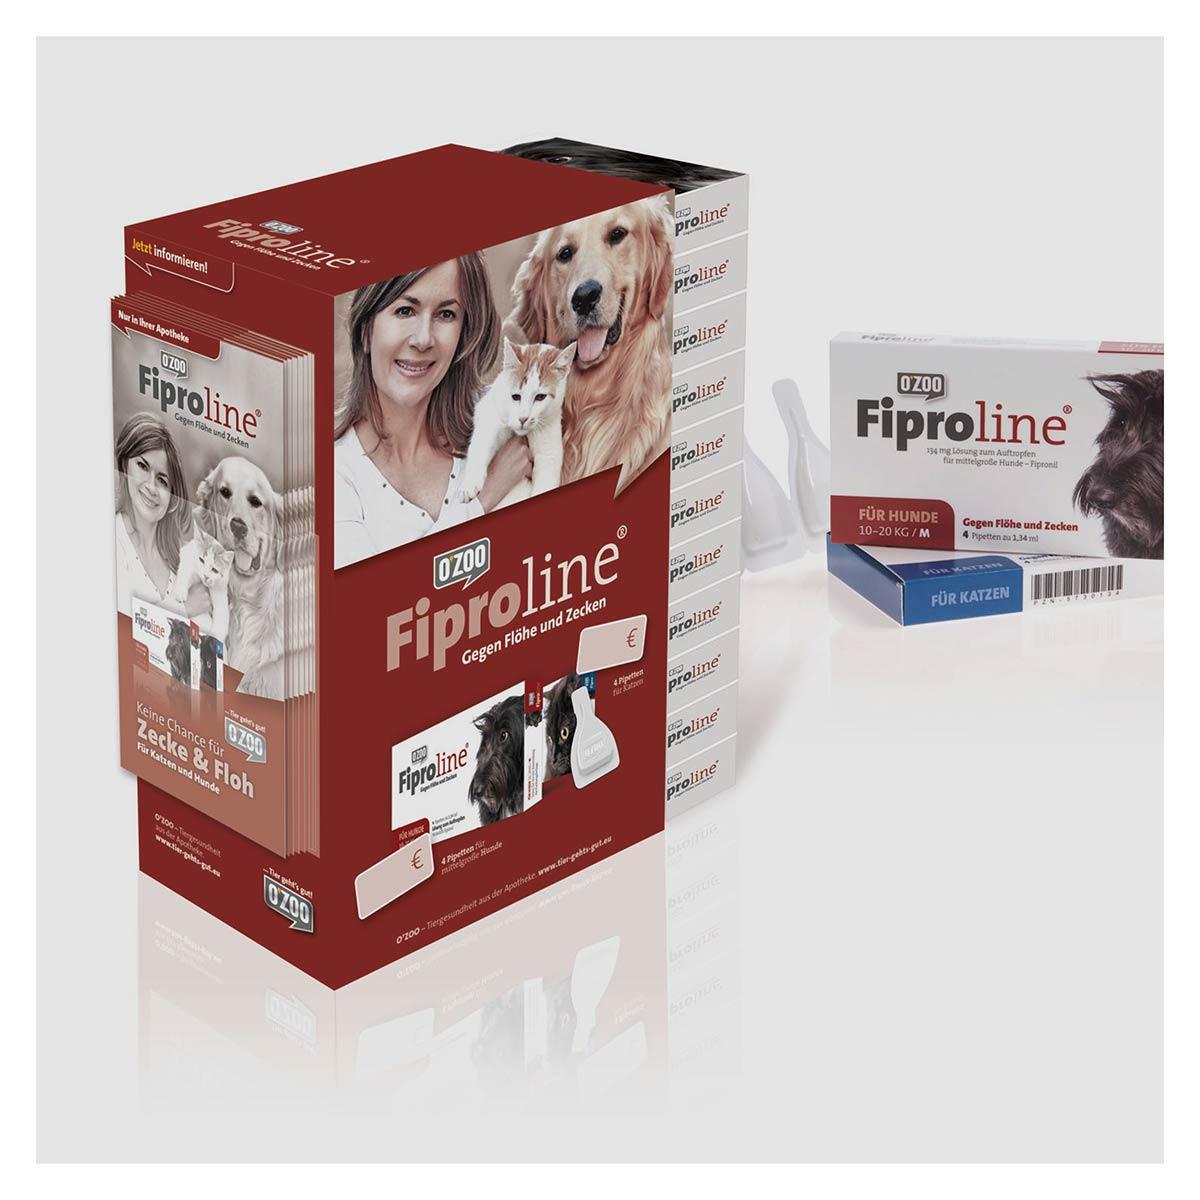 Produktverpackung von Reiber Marketing aus Krefeld